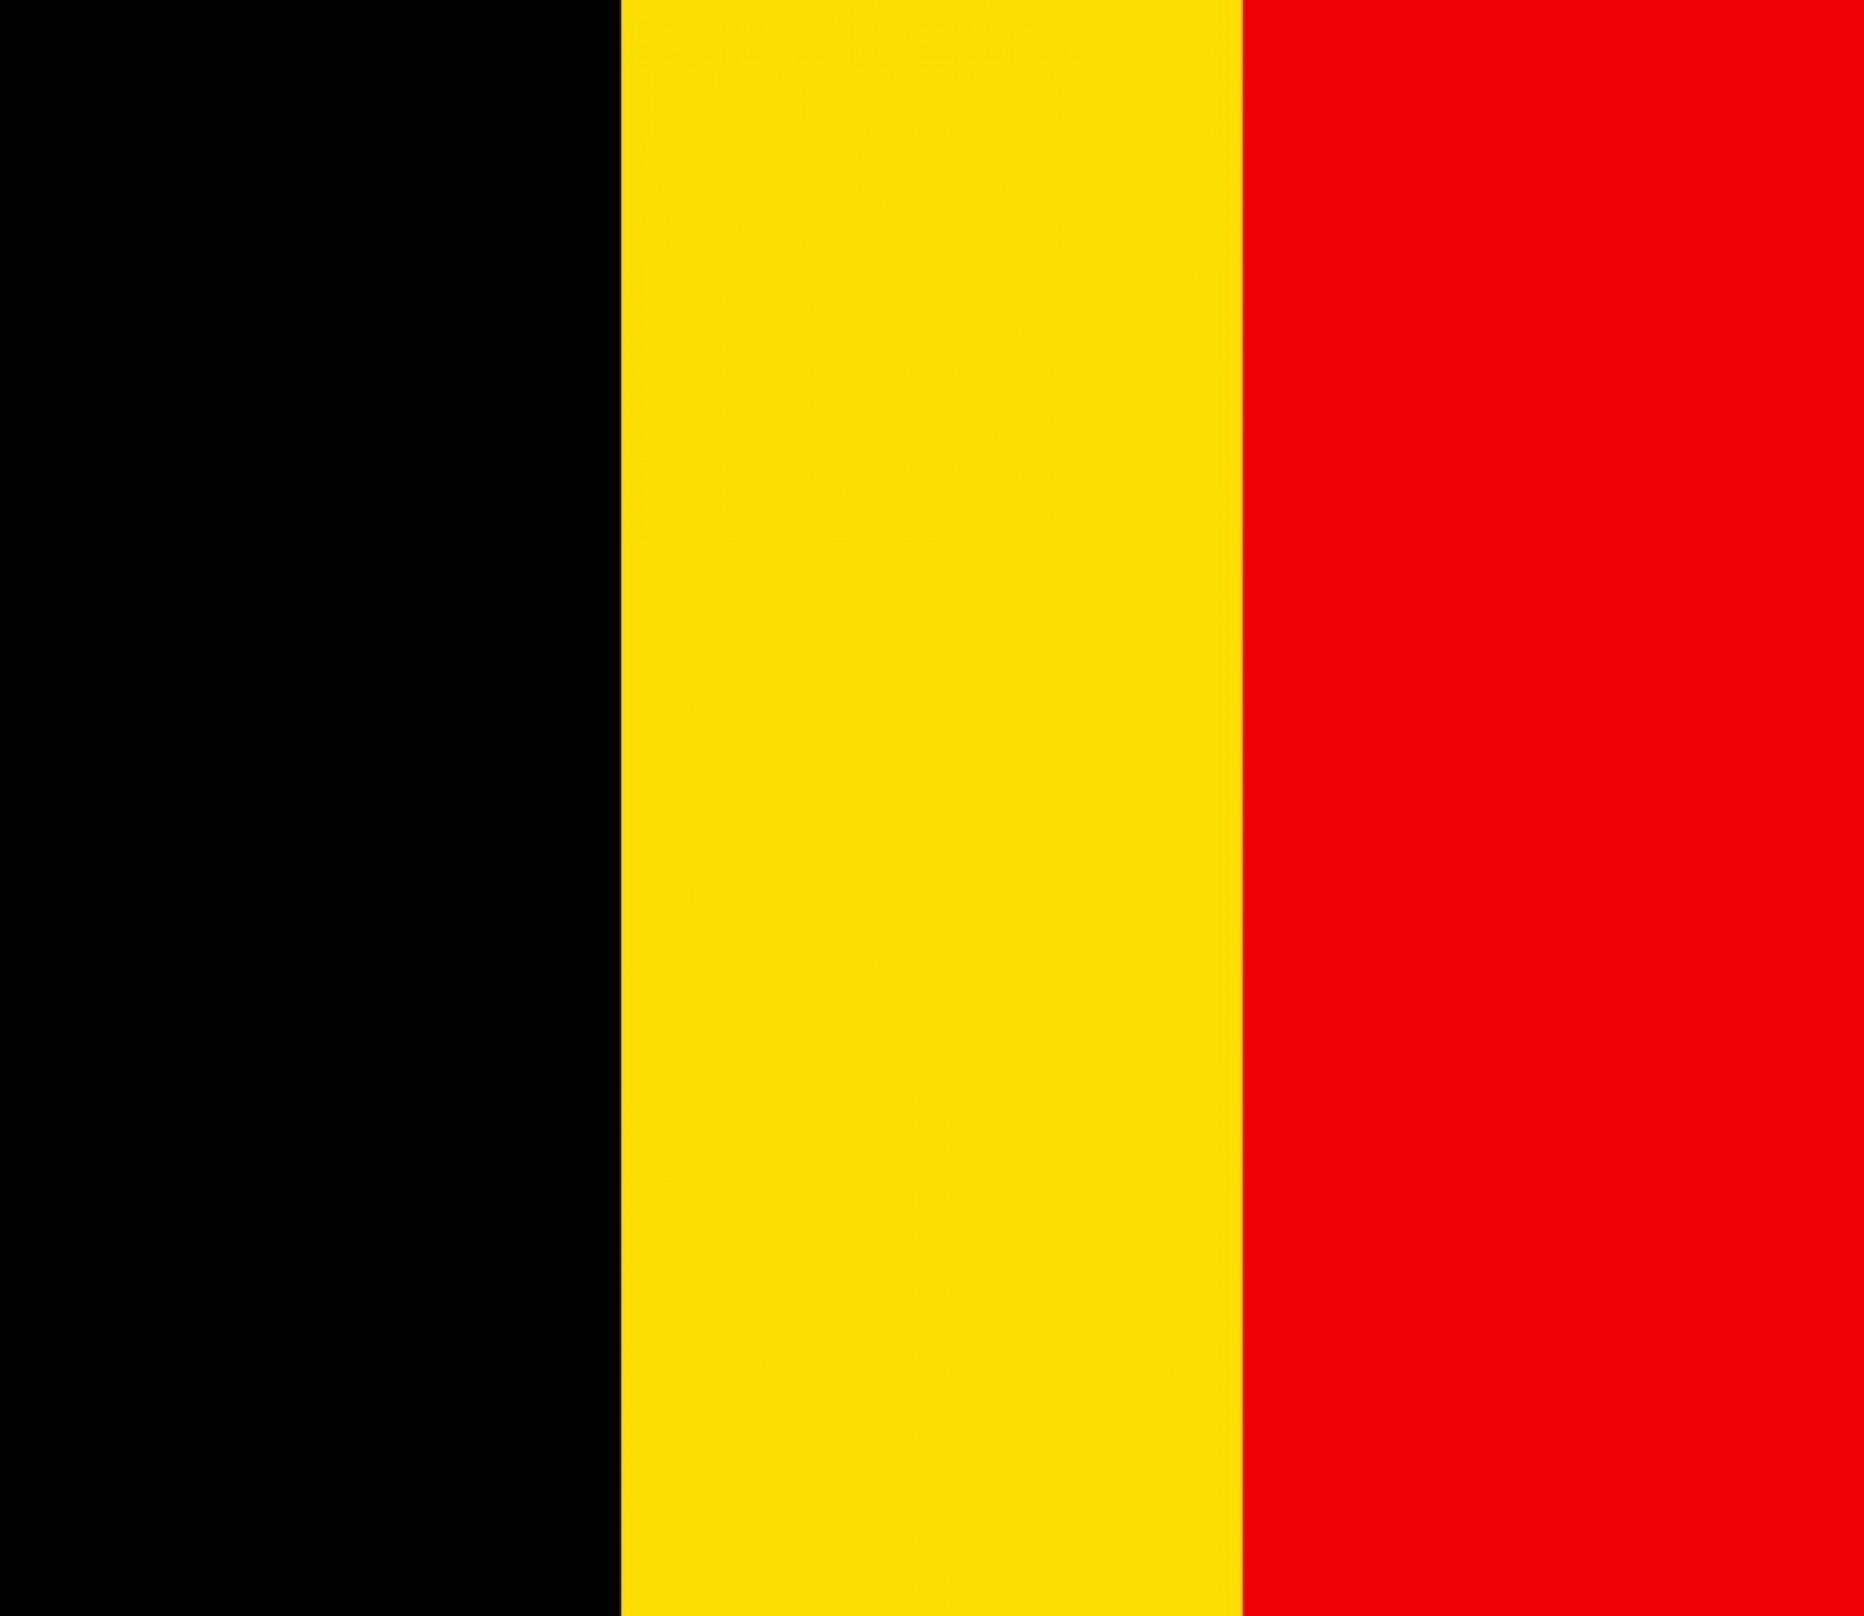 Ambassade de Belgique (Délégation Flamande)